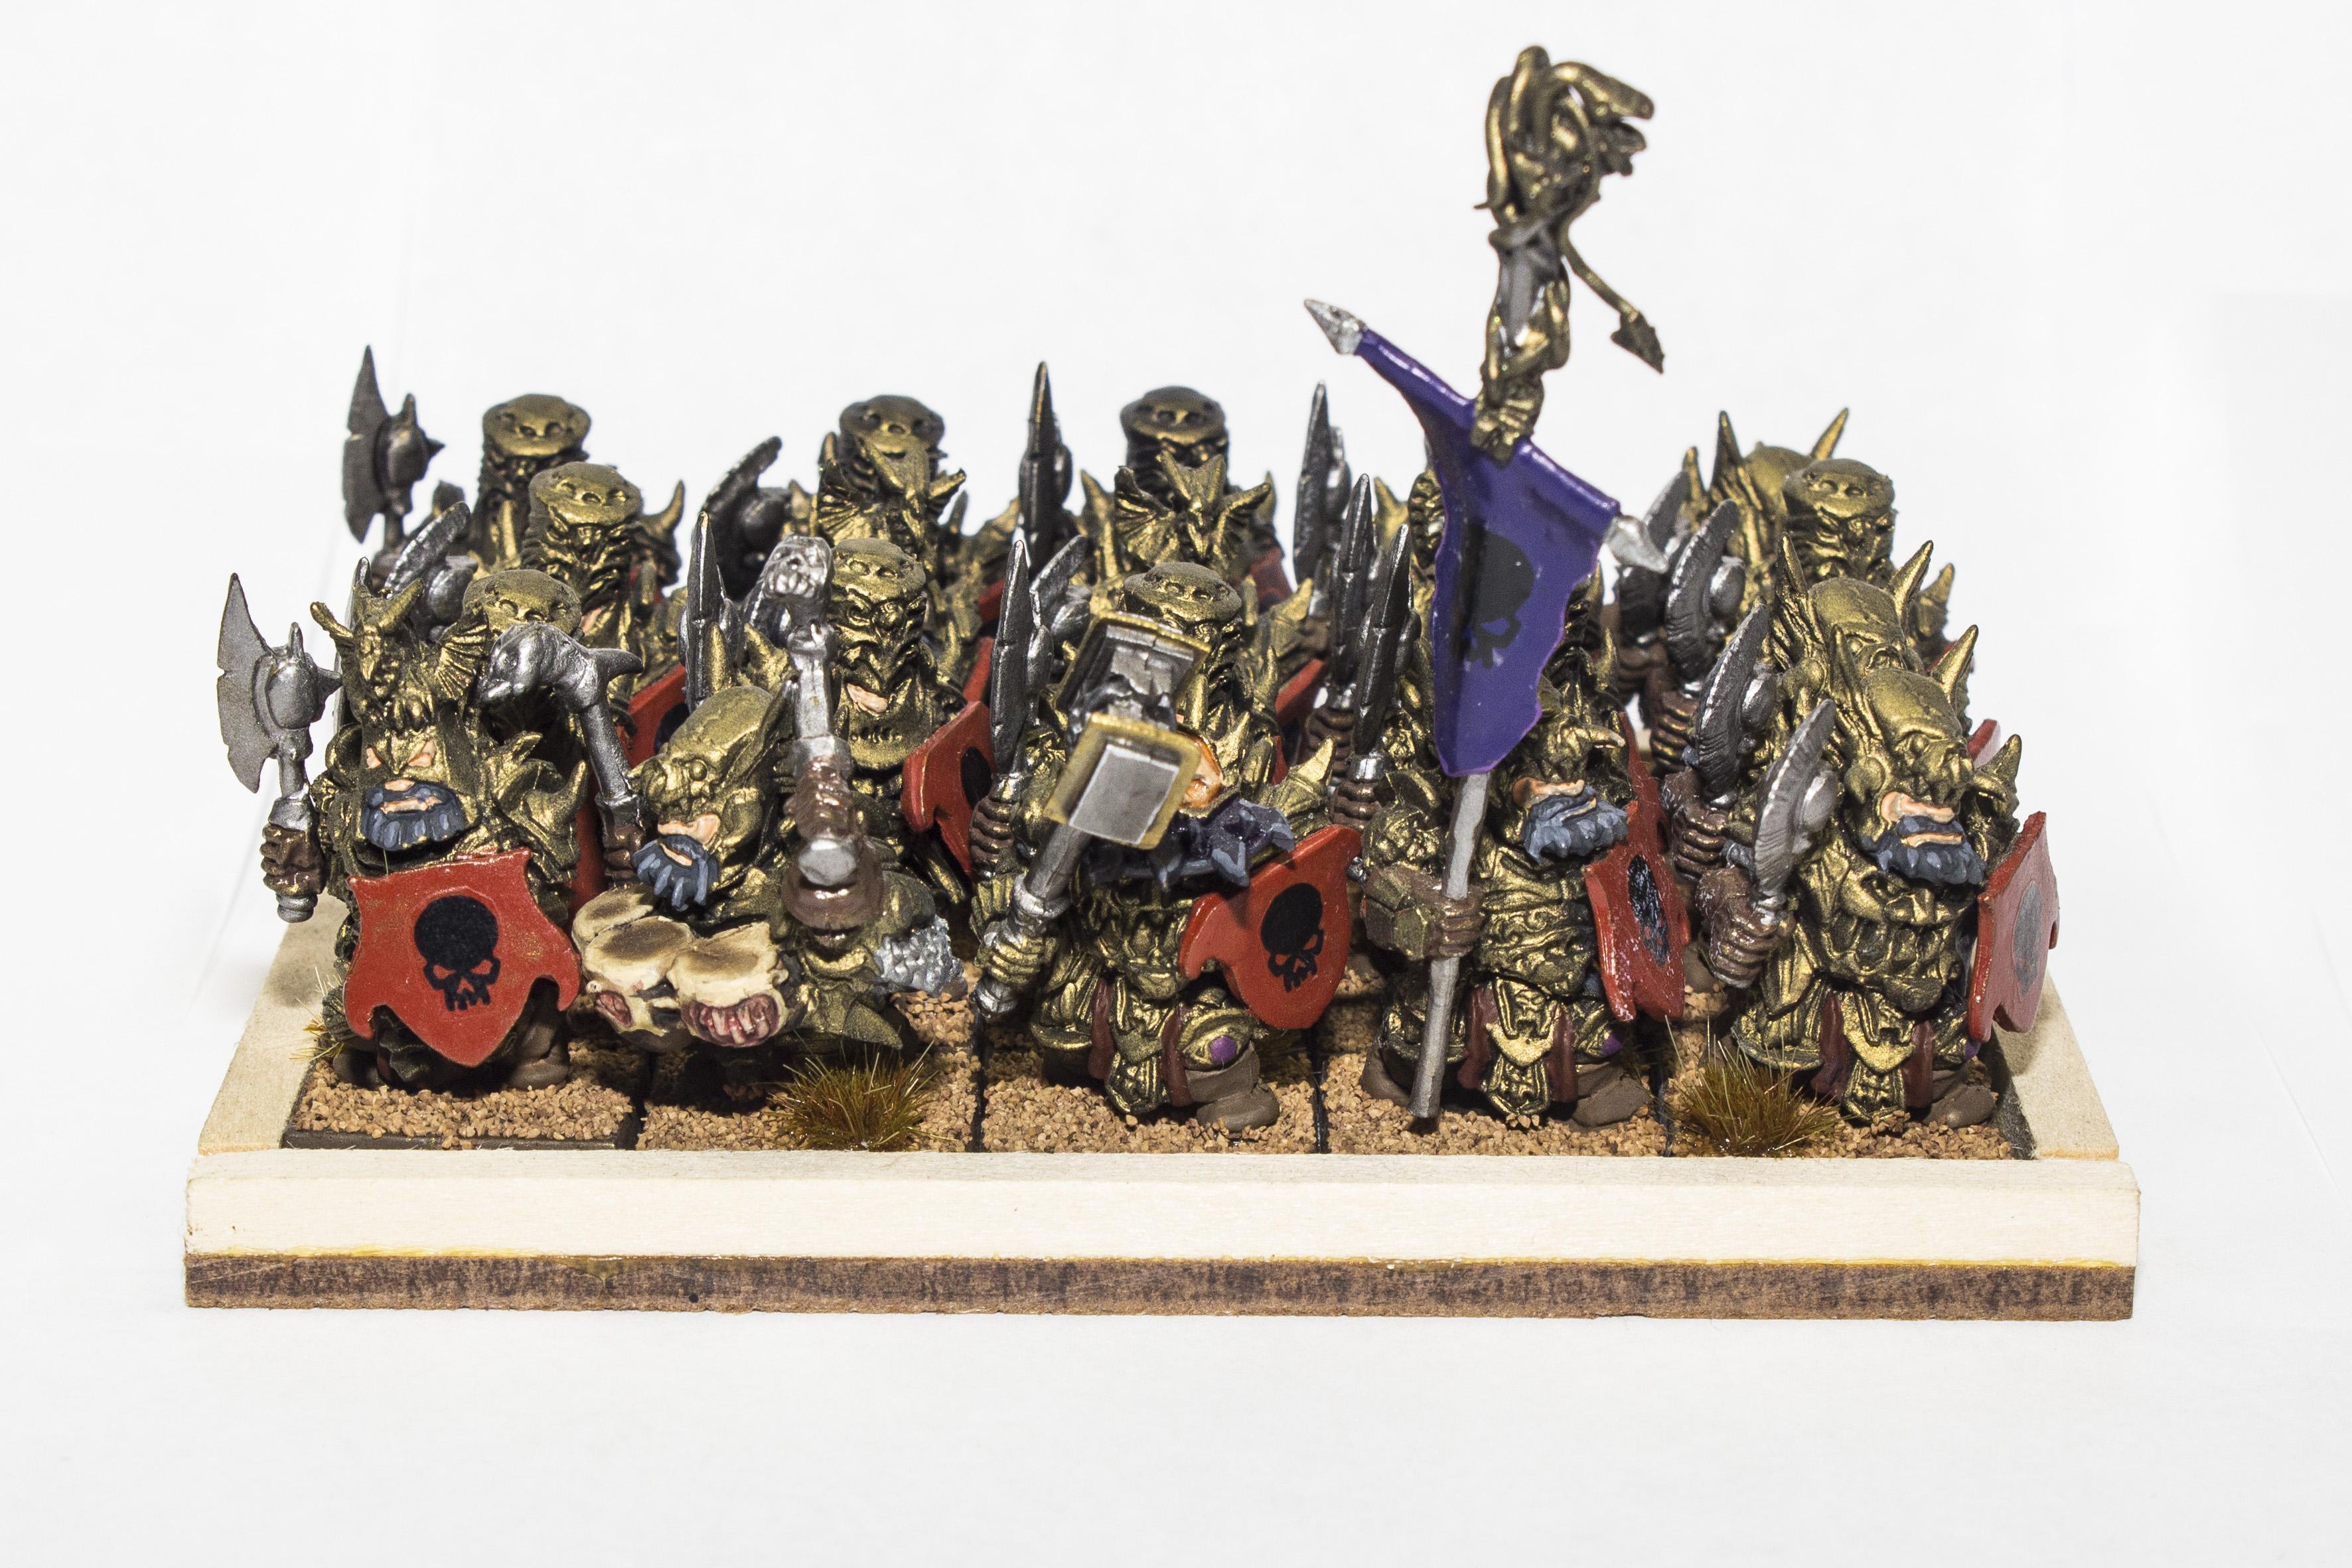 Abyssal_Dwarves_Immortal_Guard_2